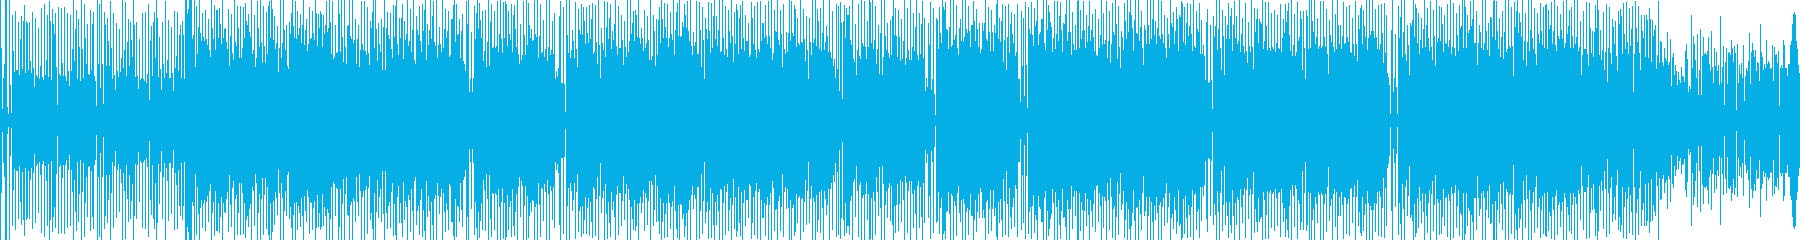 クールでグルーブ感あふれるテクノの再生済みの波形